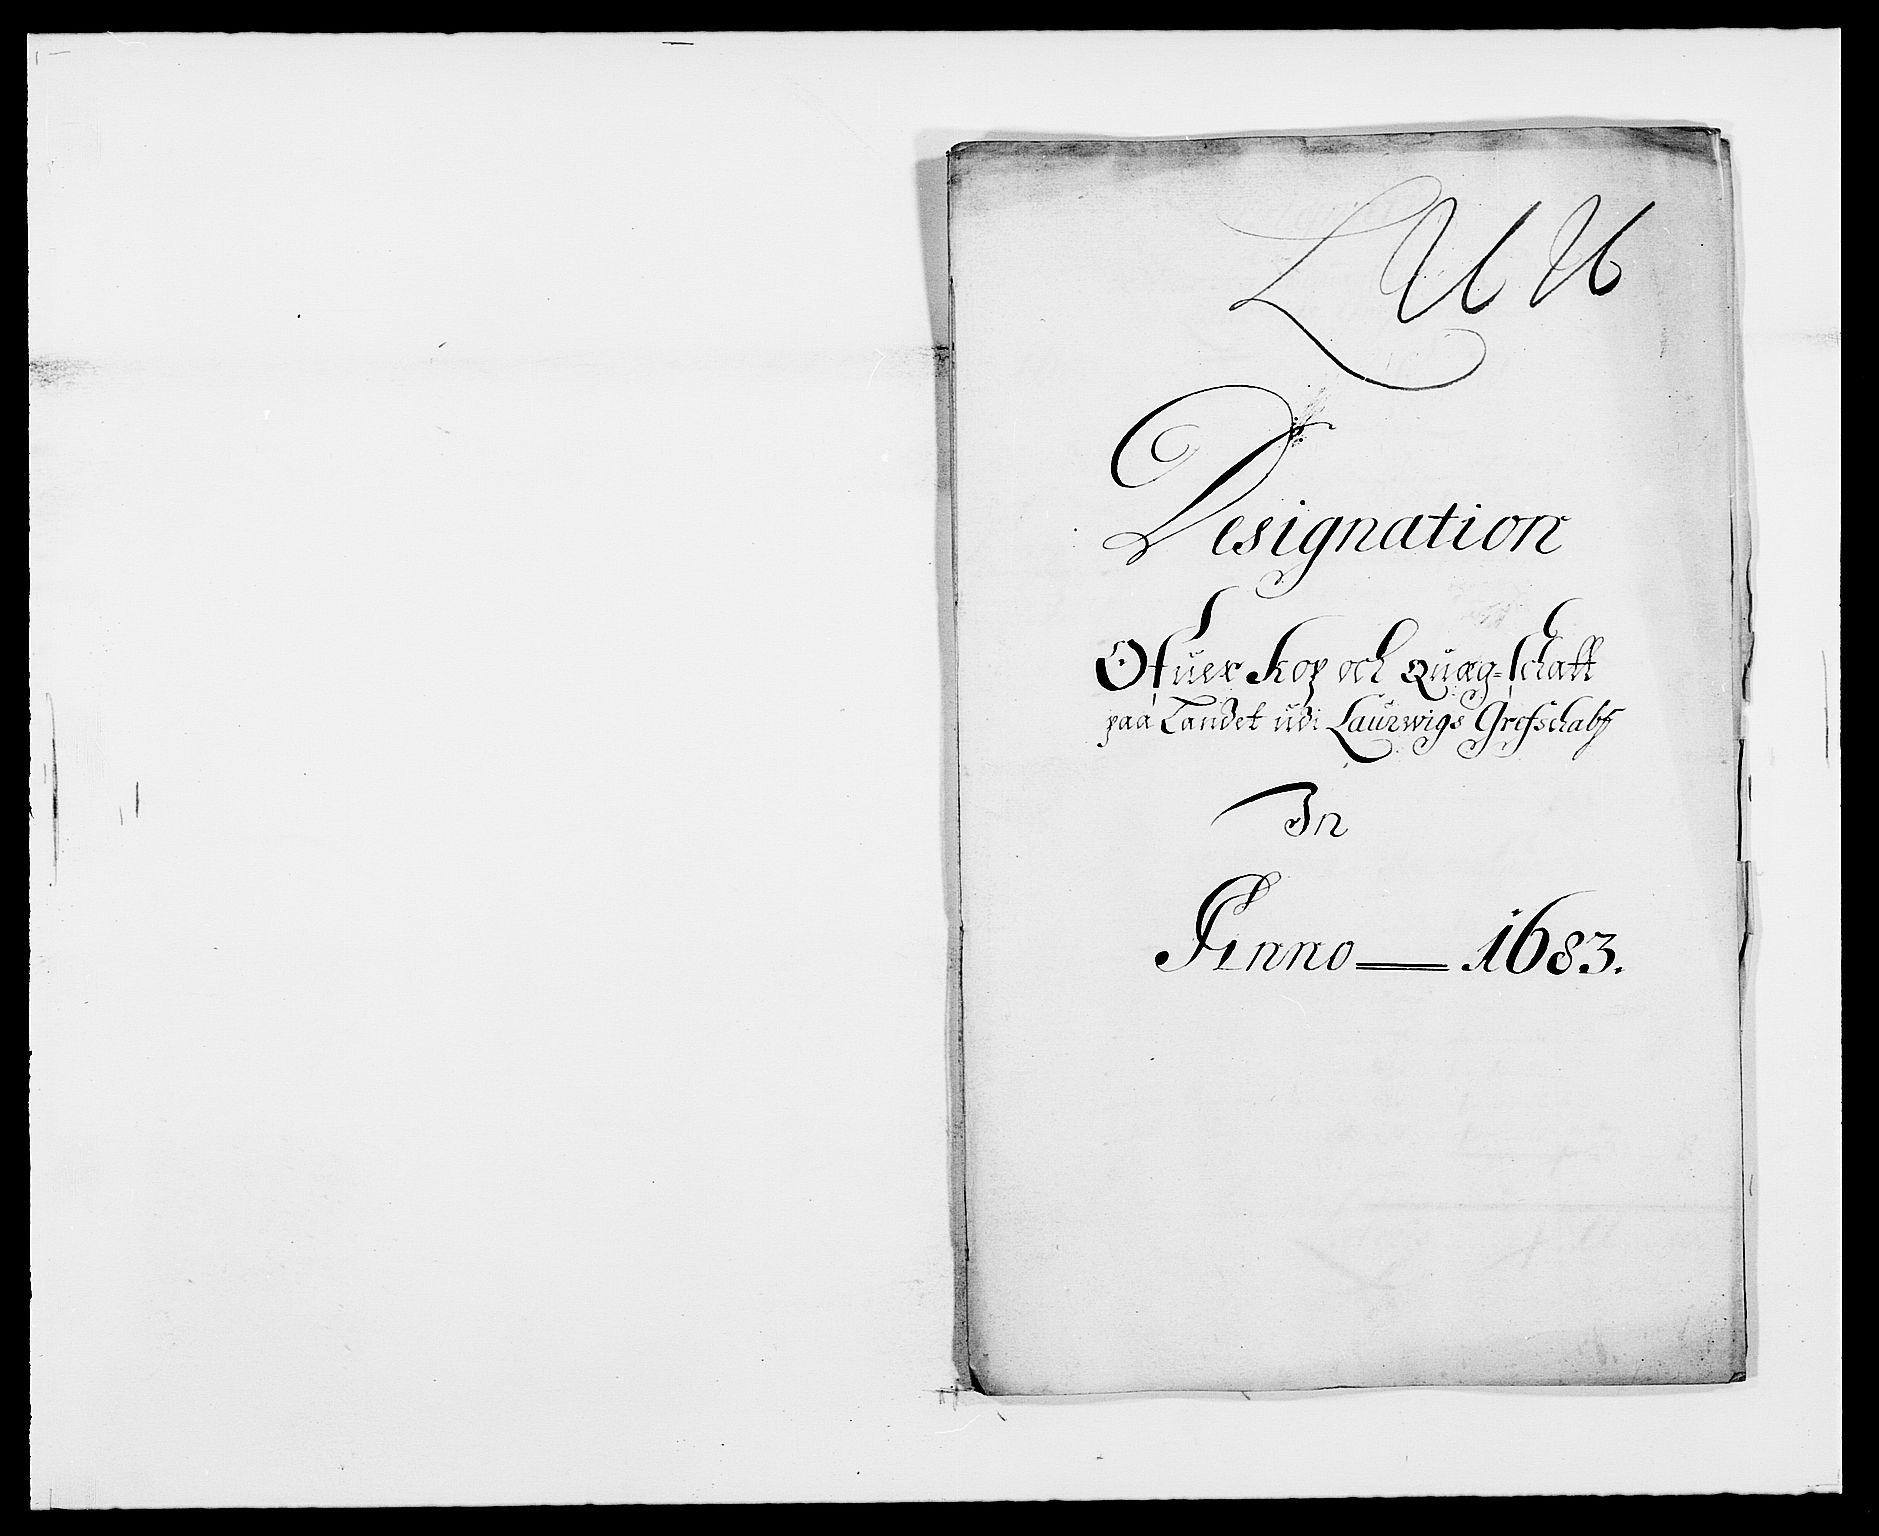 RA, Rentekammeret inntil 1814, Reviderte regnskaper, Fogderegnskap, R33/L1969: Fogderegnskap Larvik grevskap, 1675-1687, s. 301